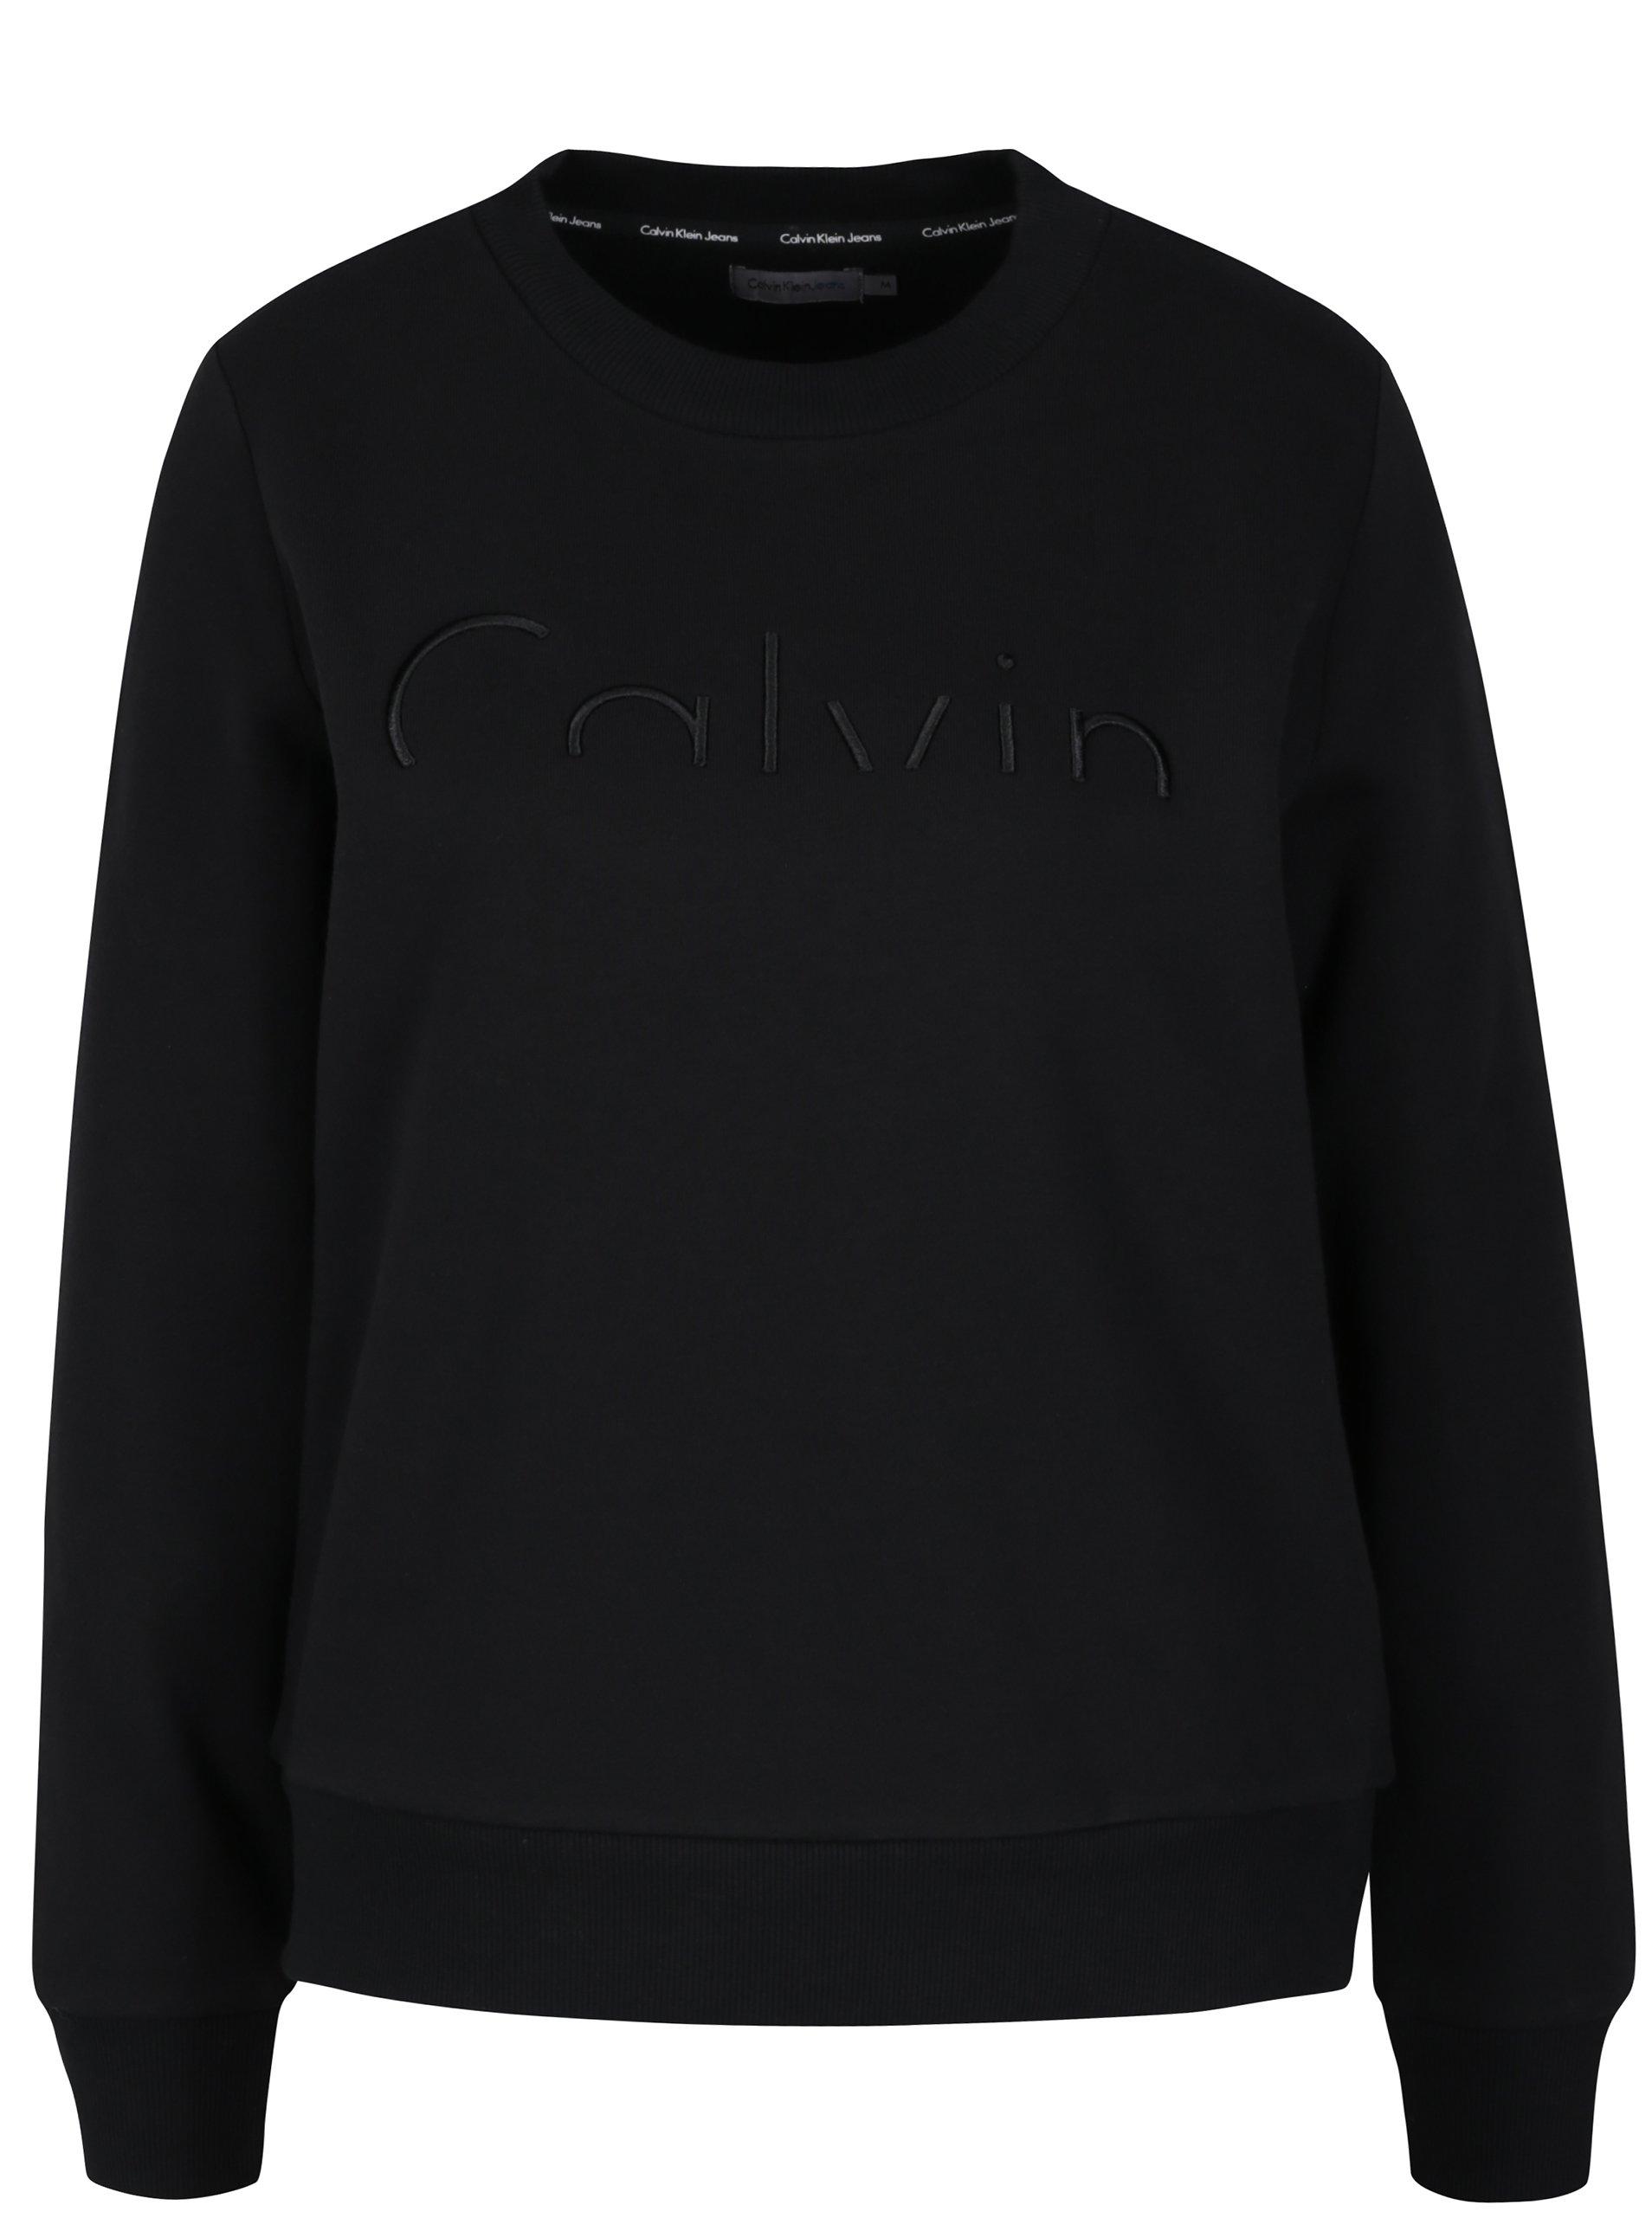 c9a25d5c6a0 Černá dámská mikina s výšivkou Calvin Klein Jeans Hadar - SLEVA ...